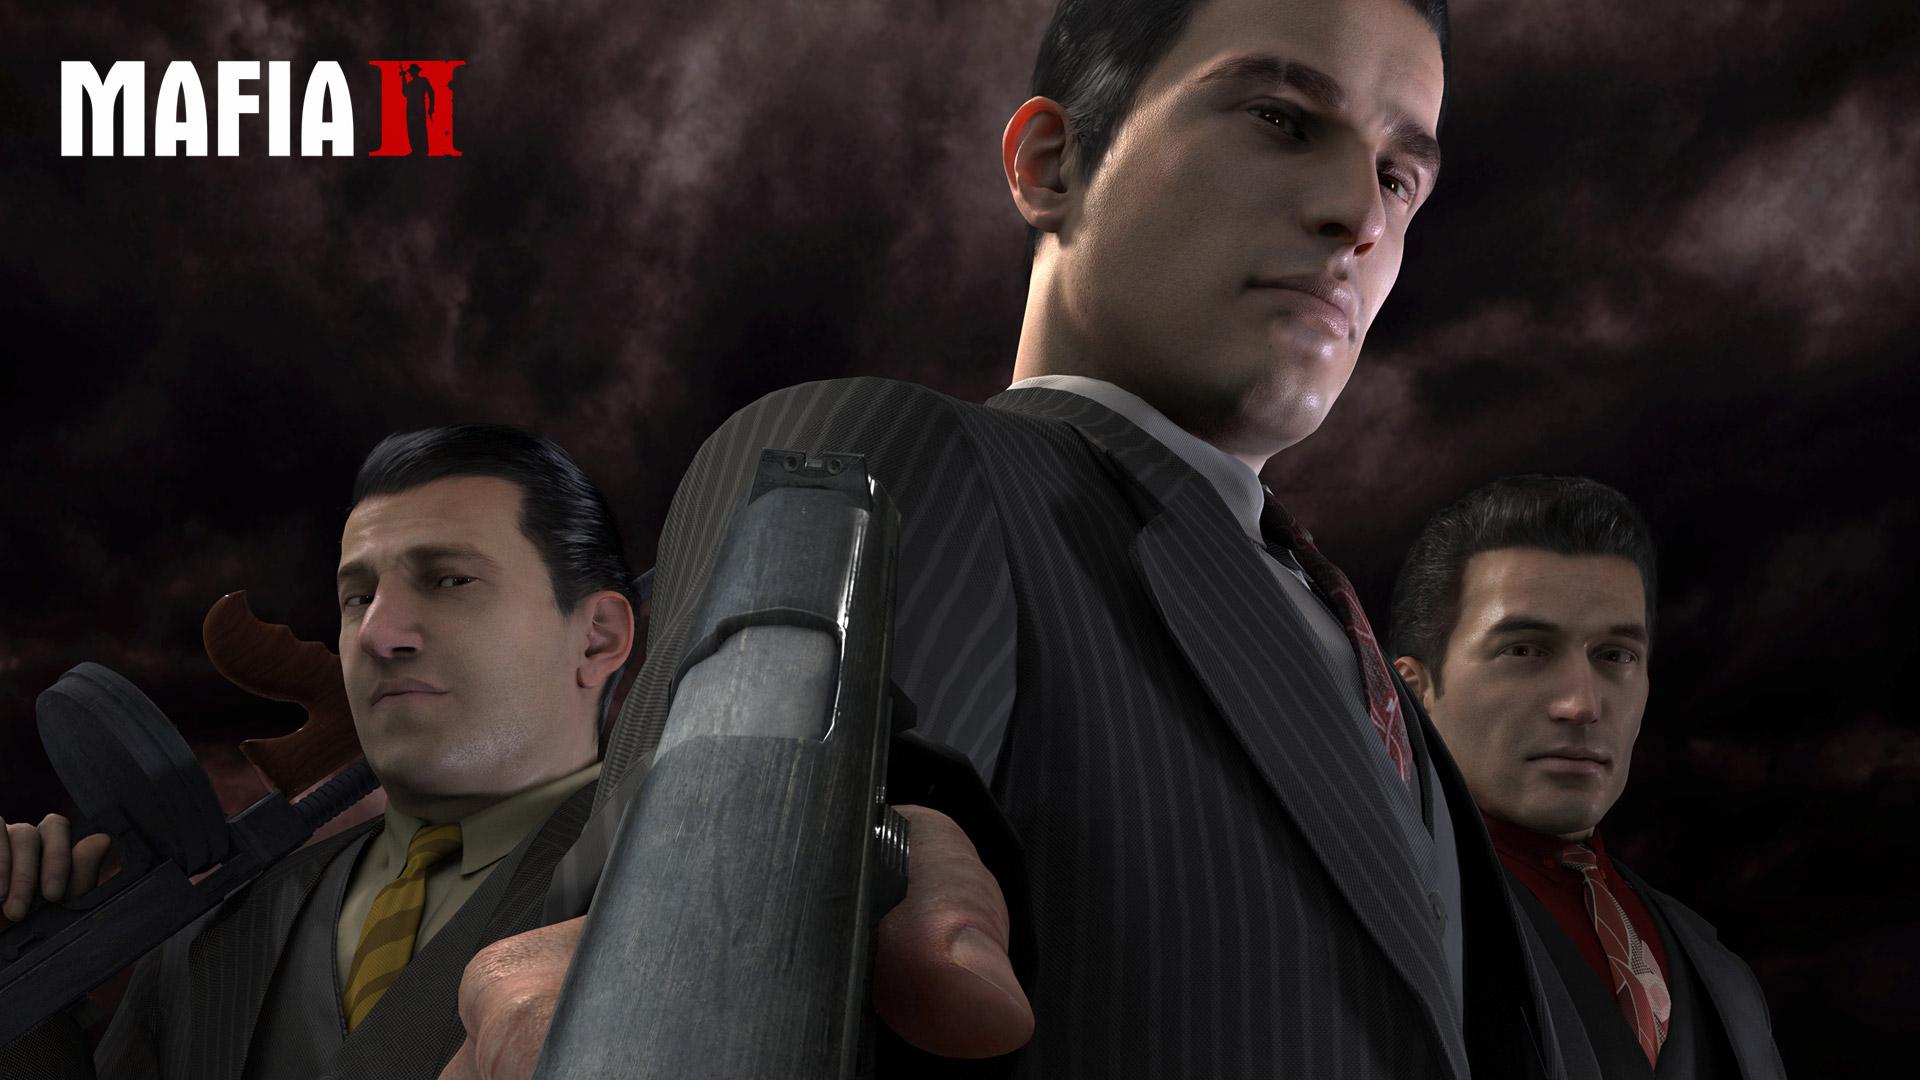 Mafia 2 wallpaper 8